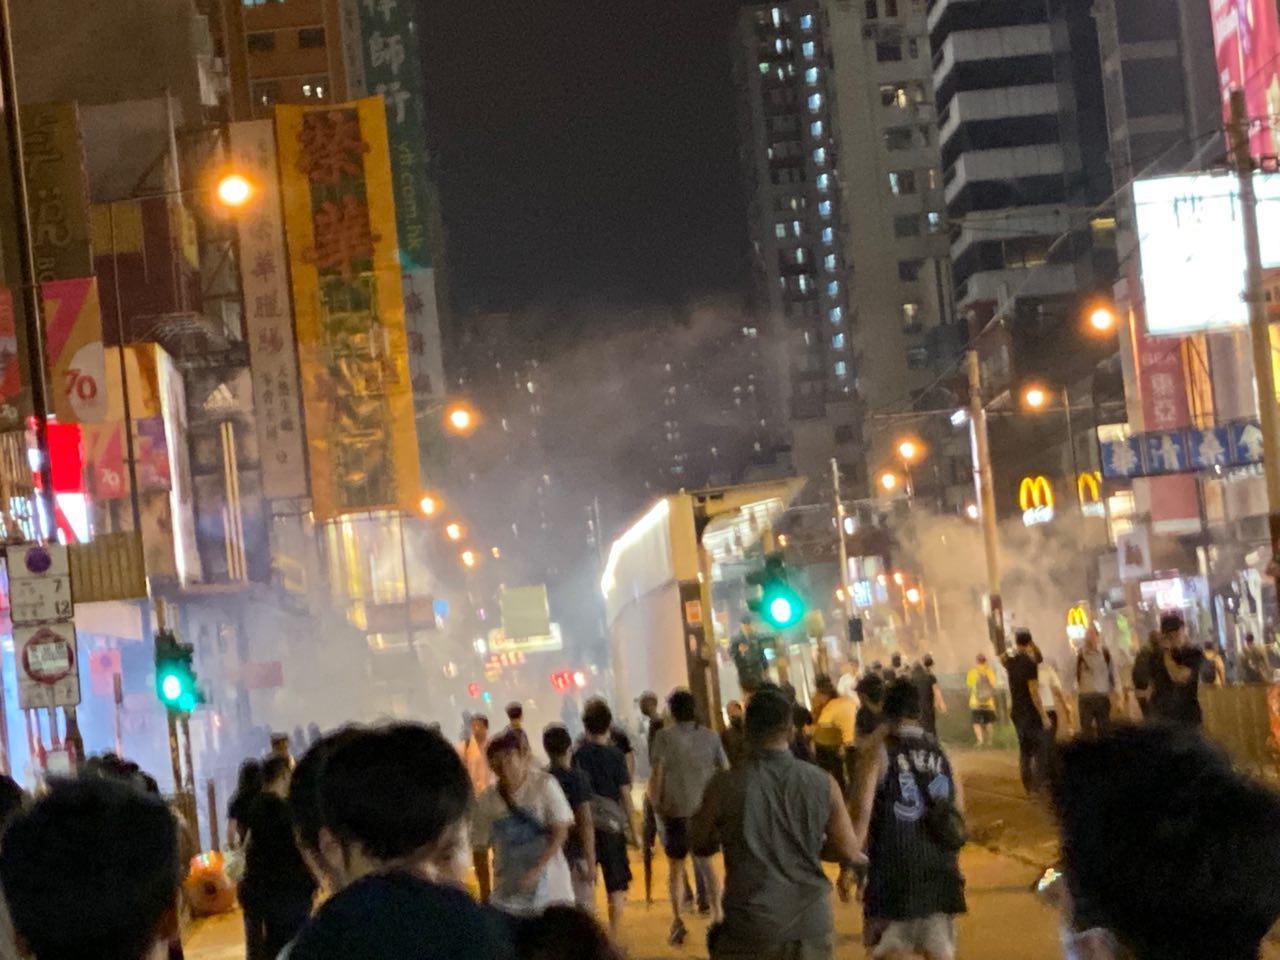 9月21日香港市民在元朗西鐵站靜坐集會,表達呼籲勿忘「721元朗恐襲」。入夜後,警察狂射催淚彈驅散市民。(駱亞/大紀元)